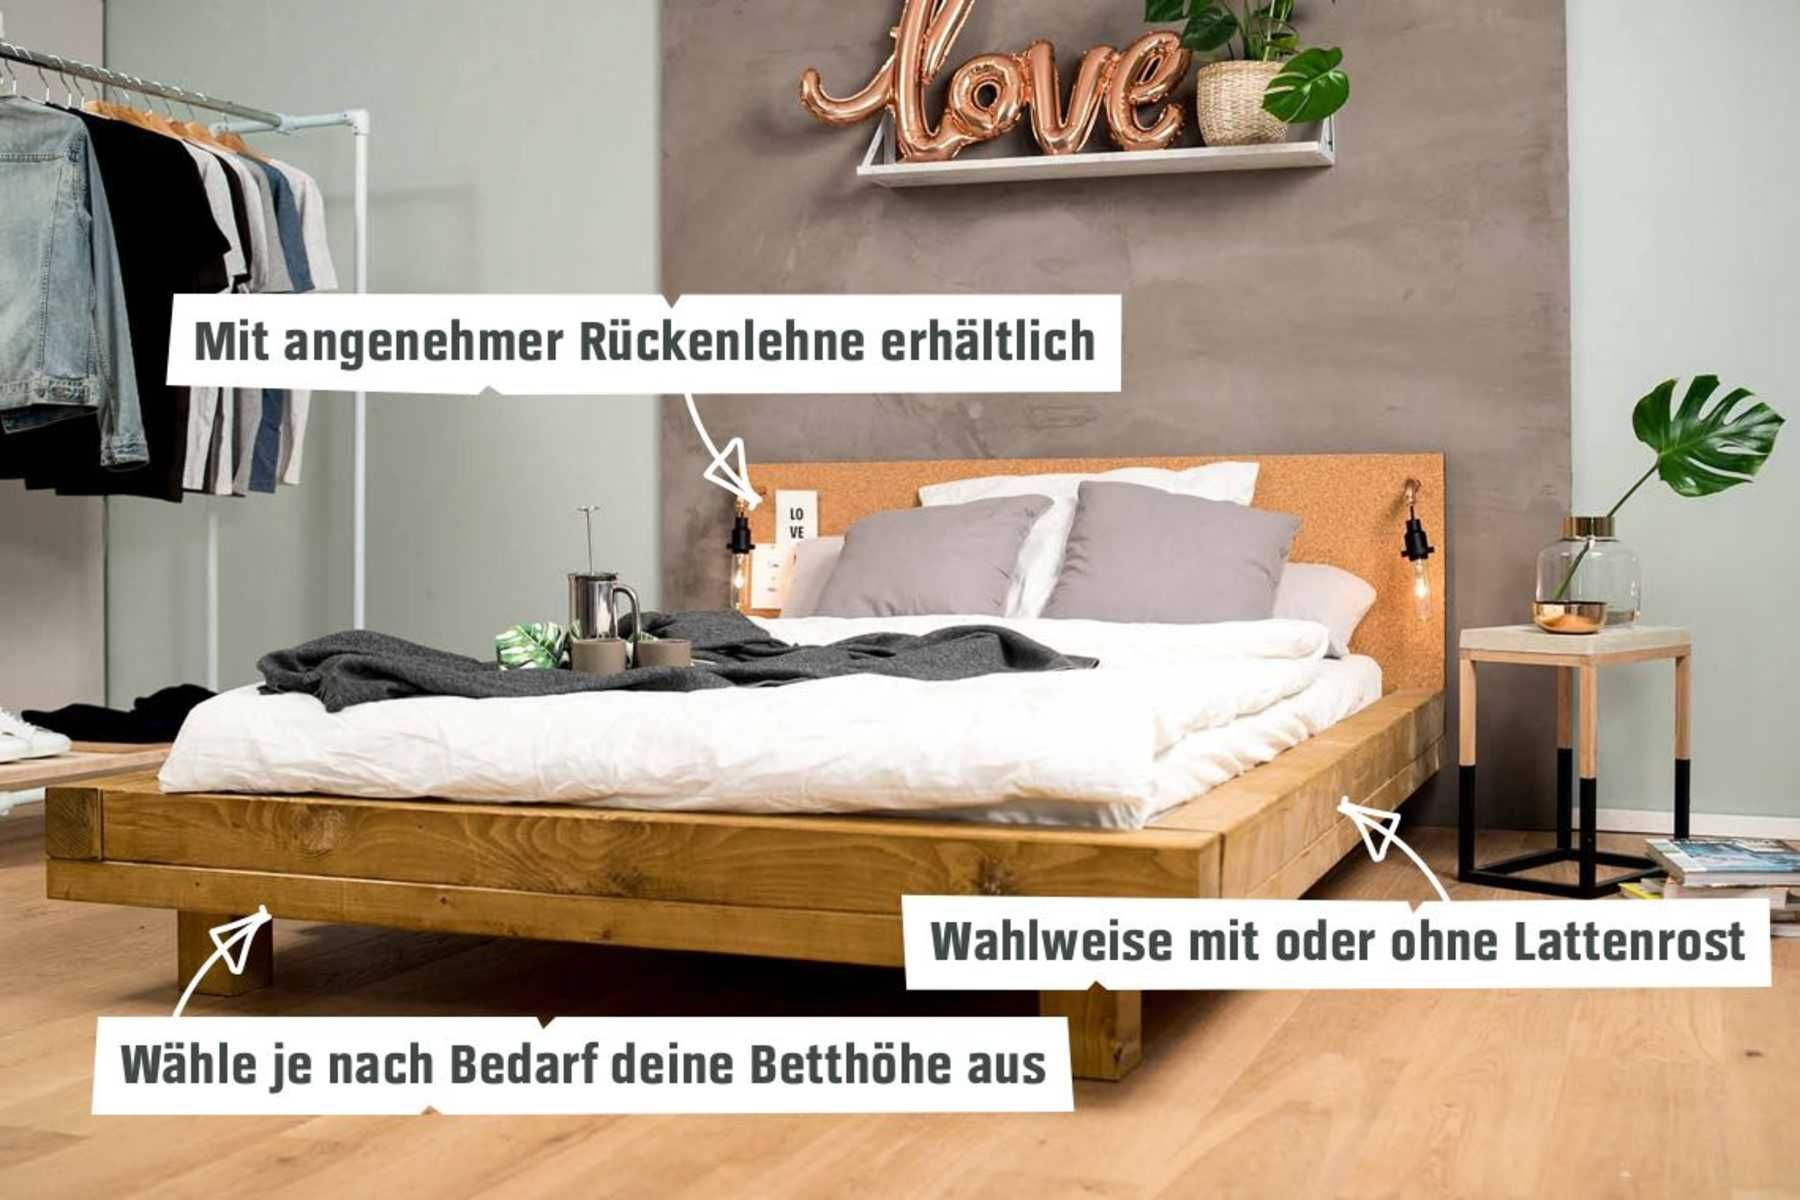 Bett Ludwig Selber Bauen Alle Mobel Mit Bildern Badezimmer